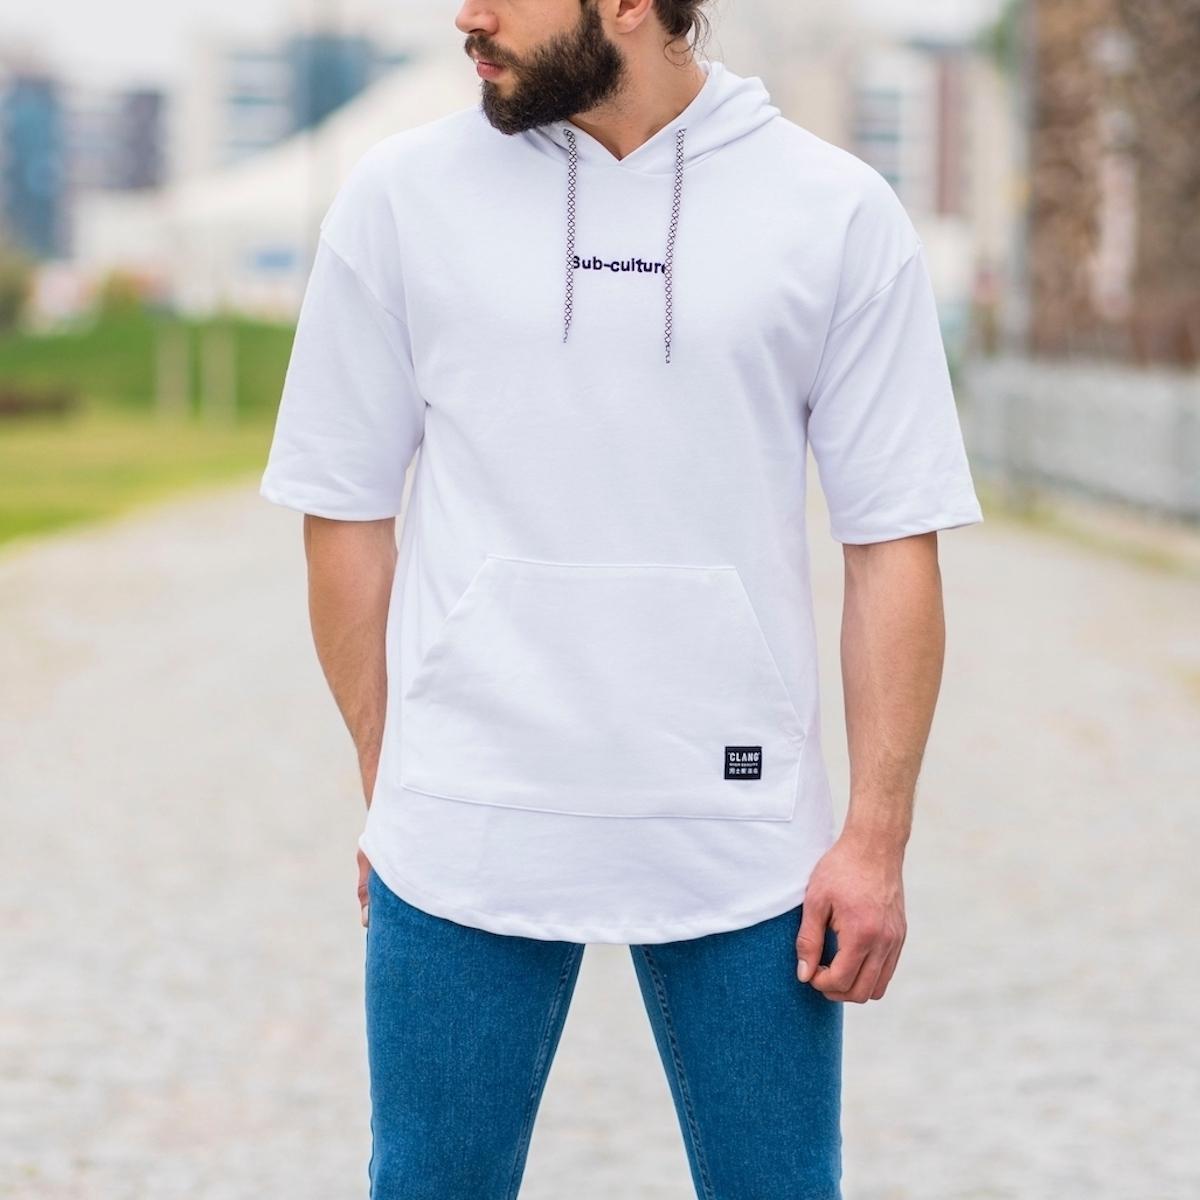 Erkek Ön Cepli Sub-Culture Yazı Detaylı Tişört Beyaz